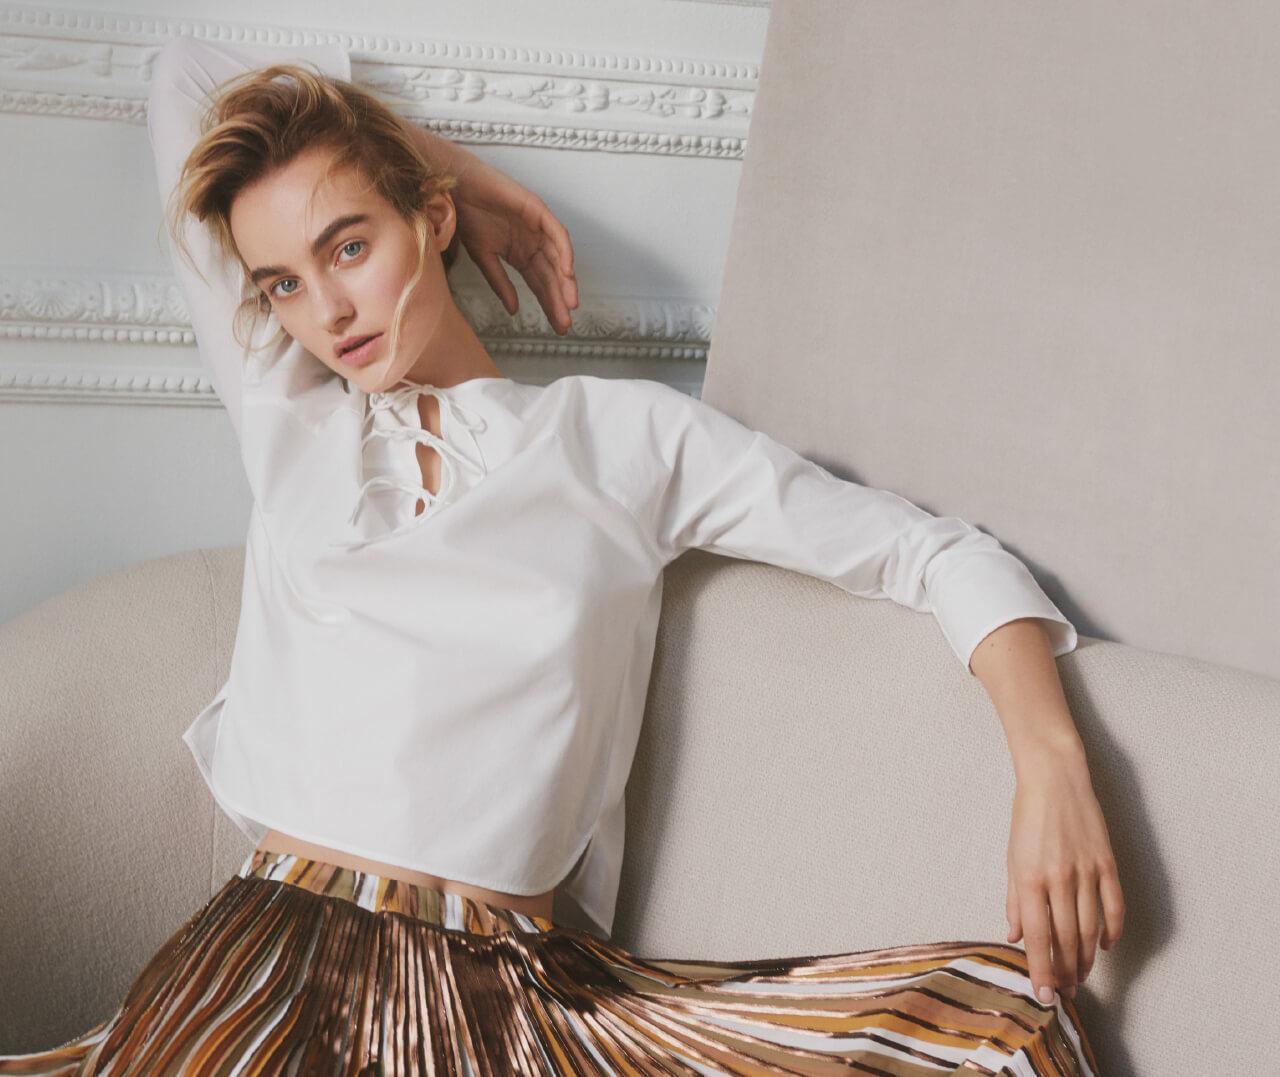 max co germany online shop italienische mode f r junge frauen. Black Bedroom Furniture Sets. Home Design Ideas